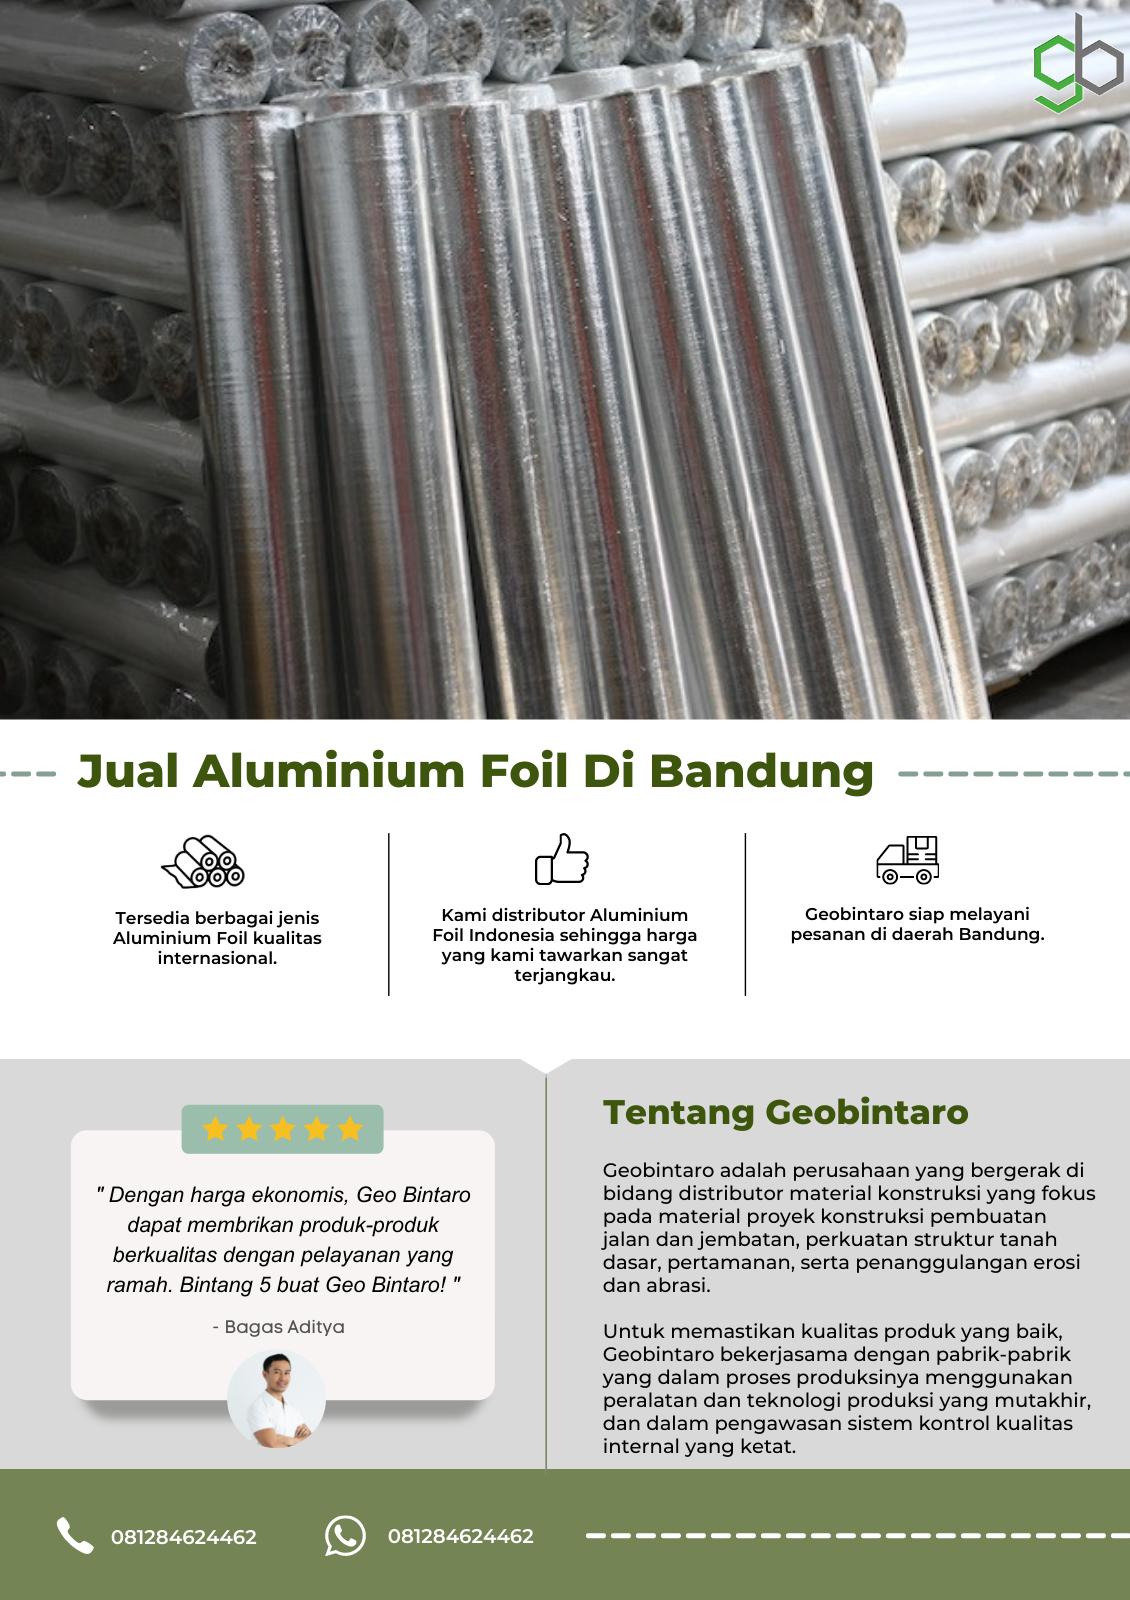 Aluminium Foil Di Bandung